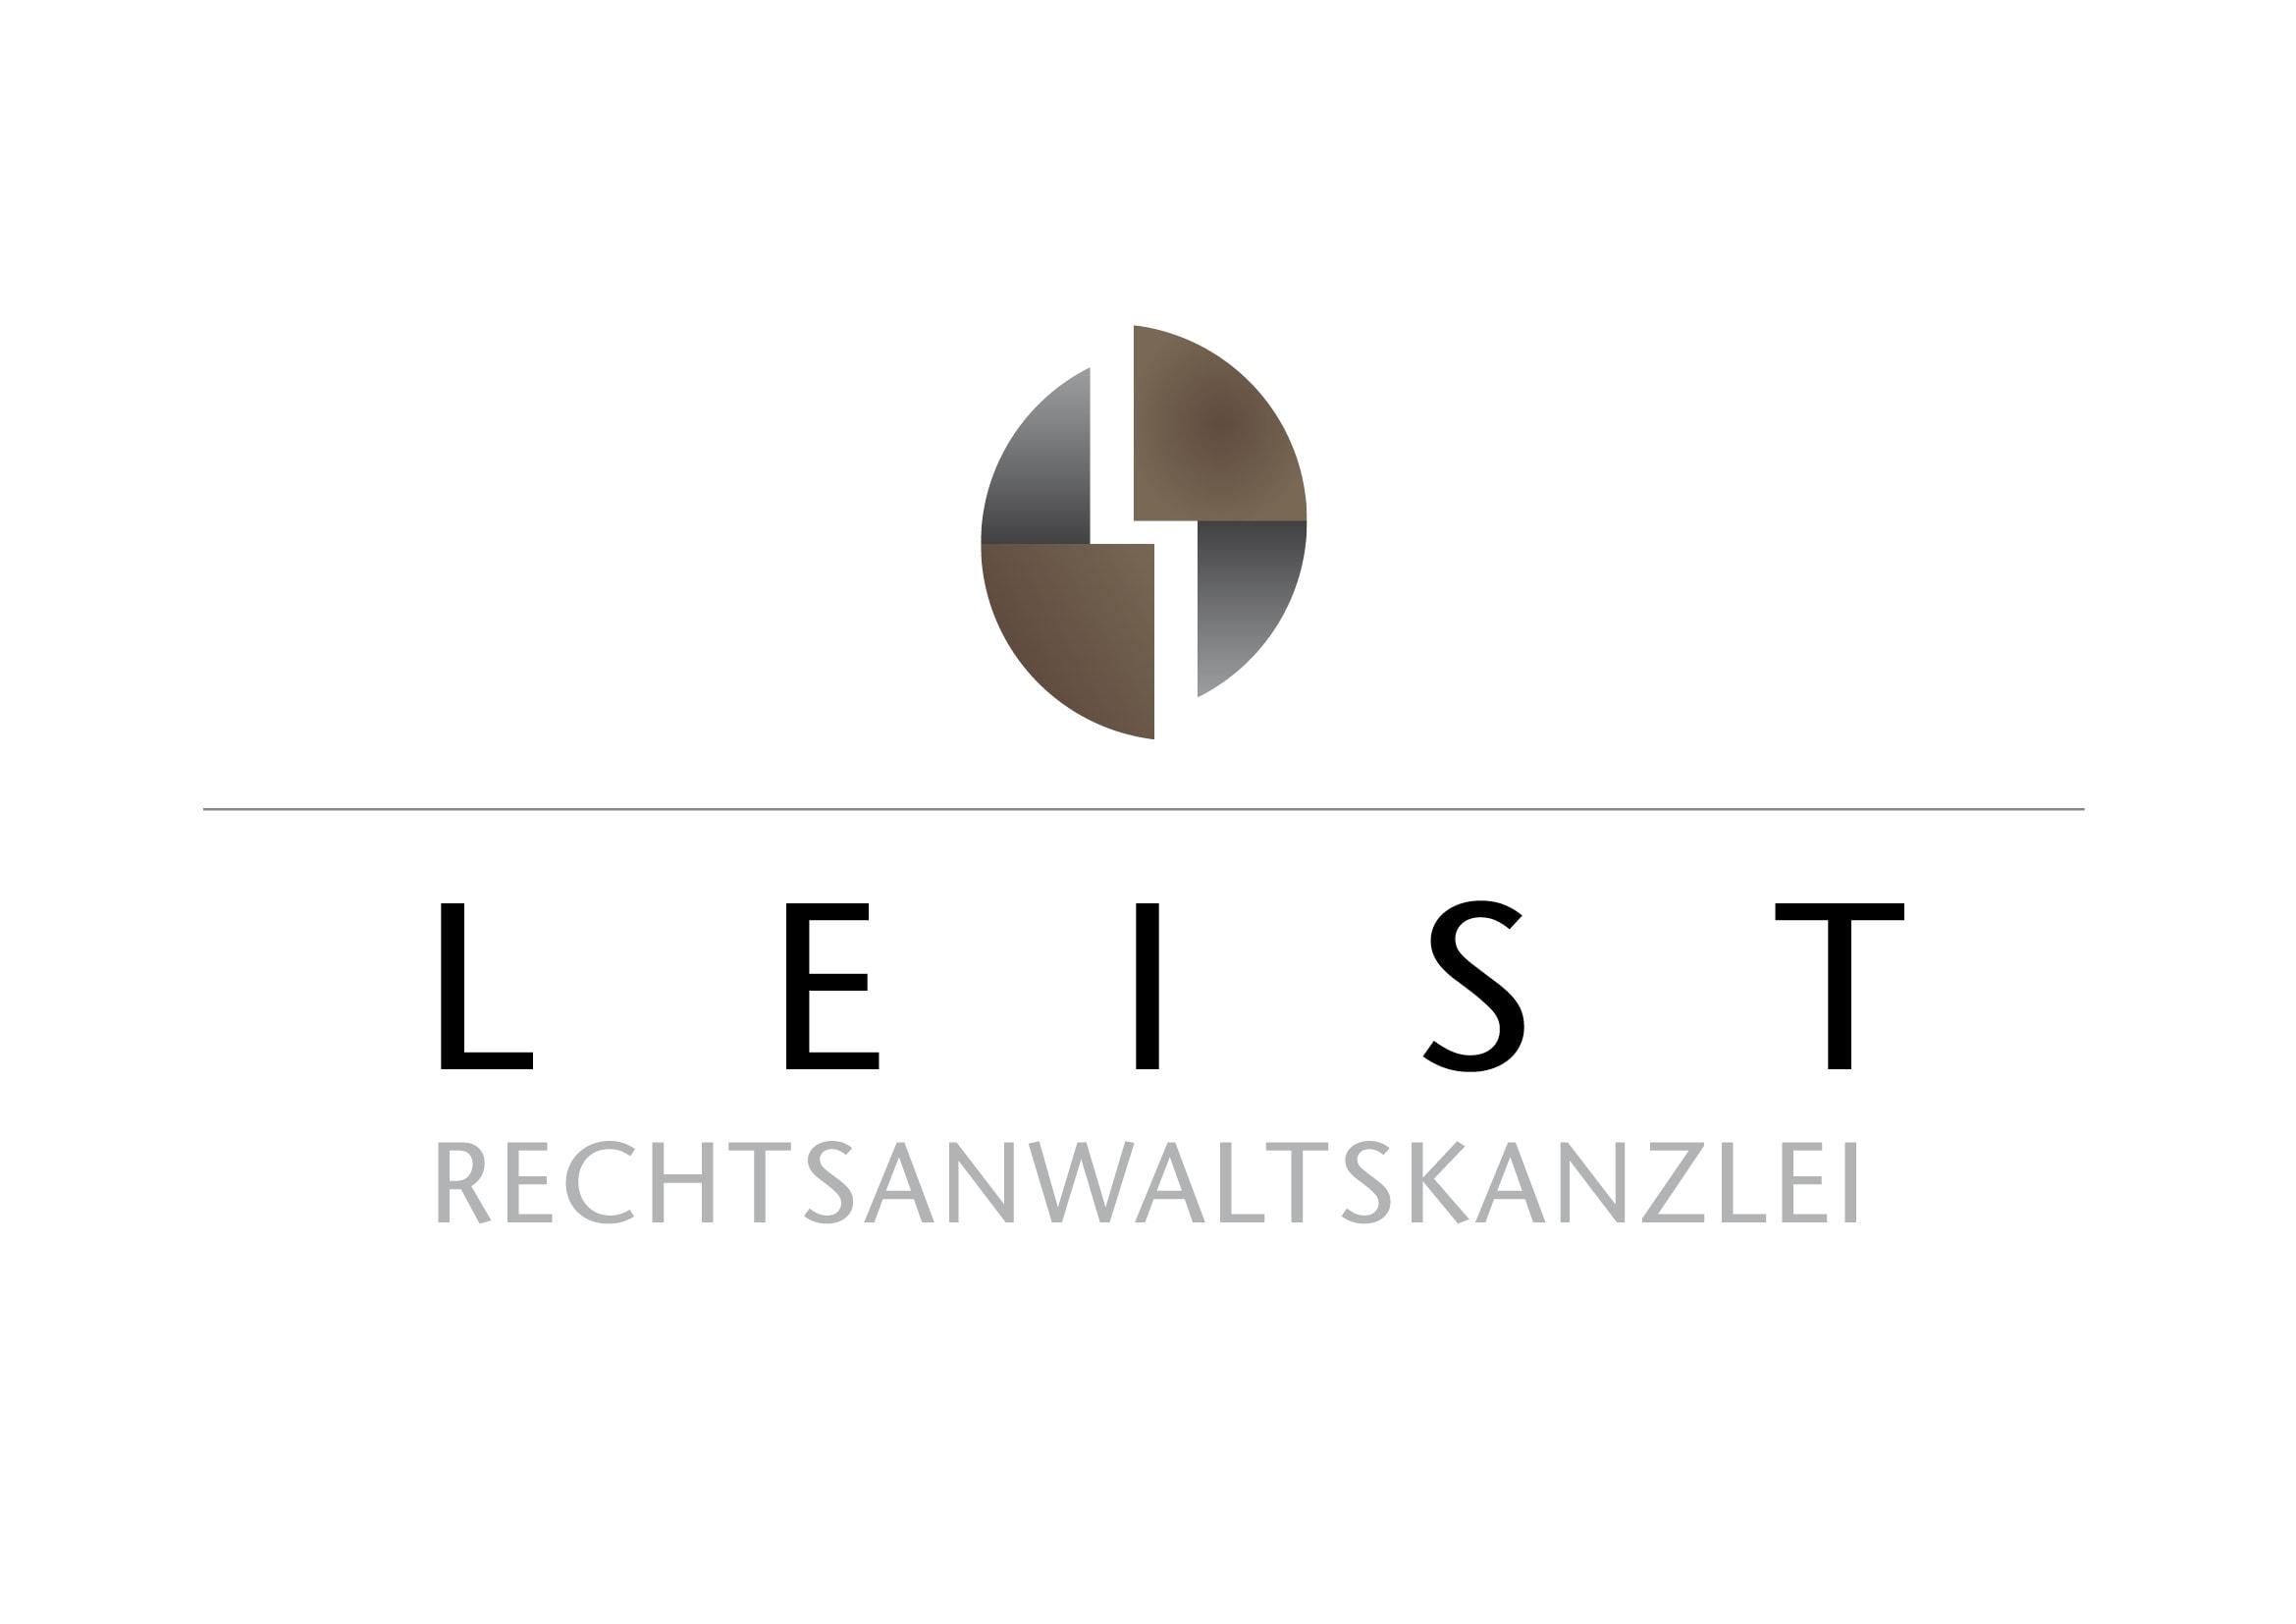 Logodesign Entwicklung für Rechtsanwaltskanzlei durch Grafik-Designer Ronald Wissler